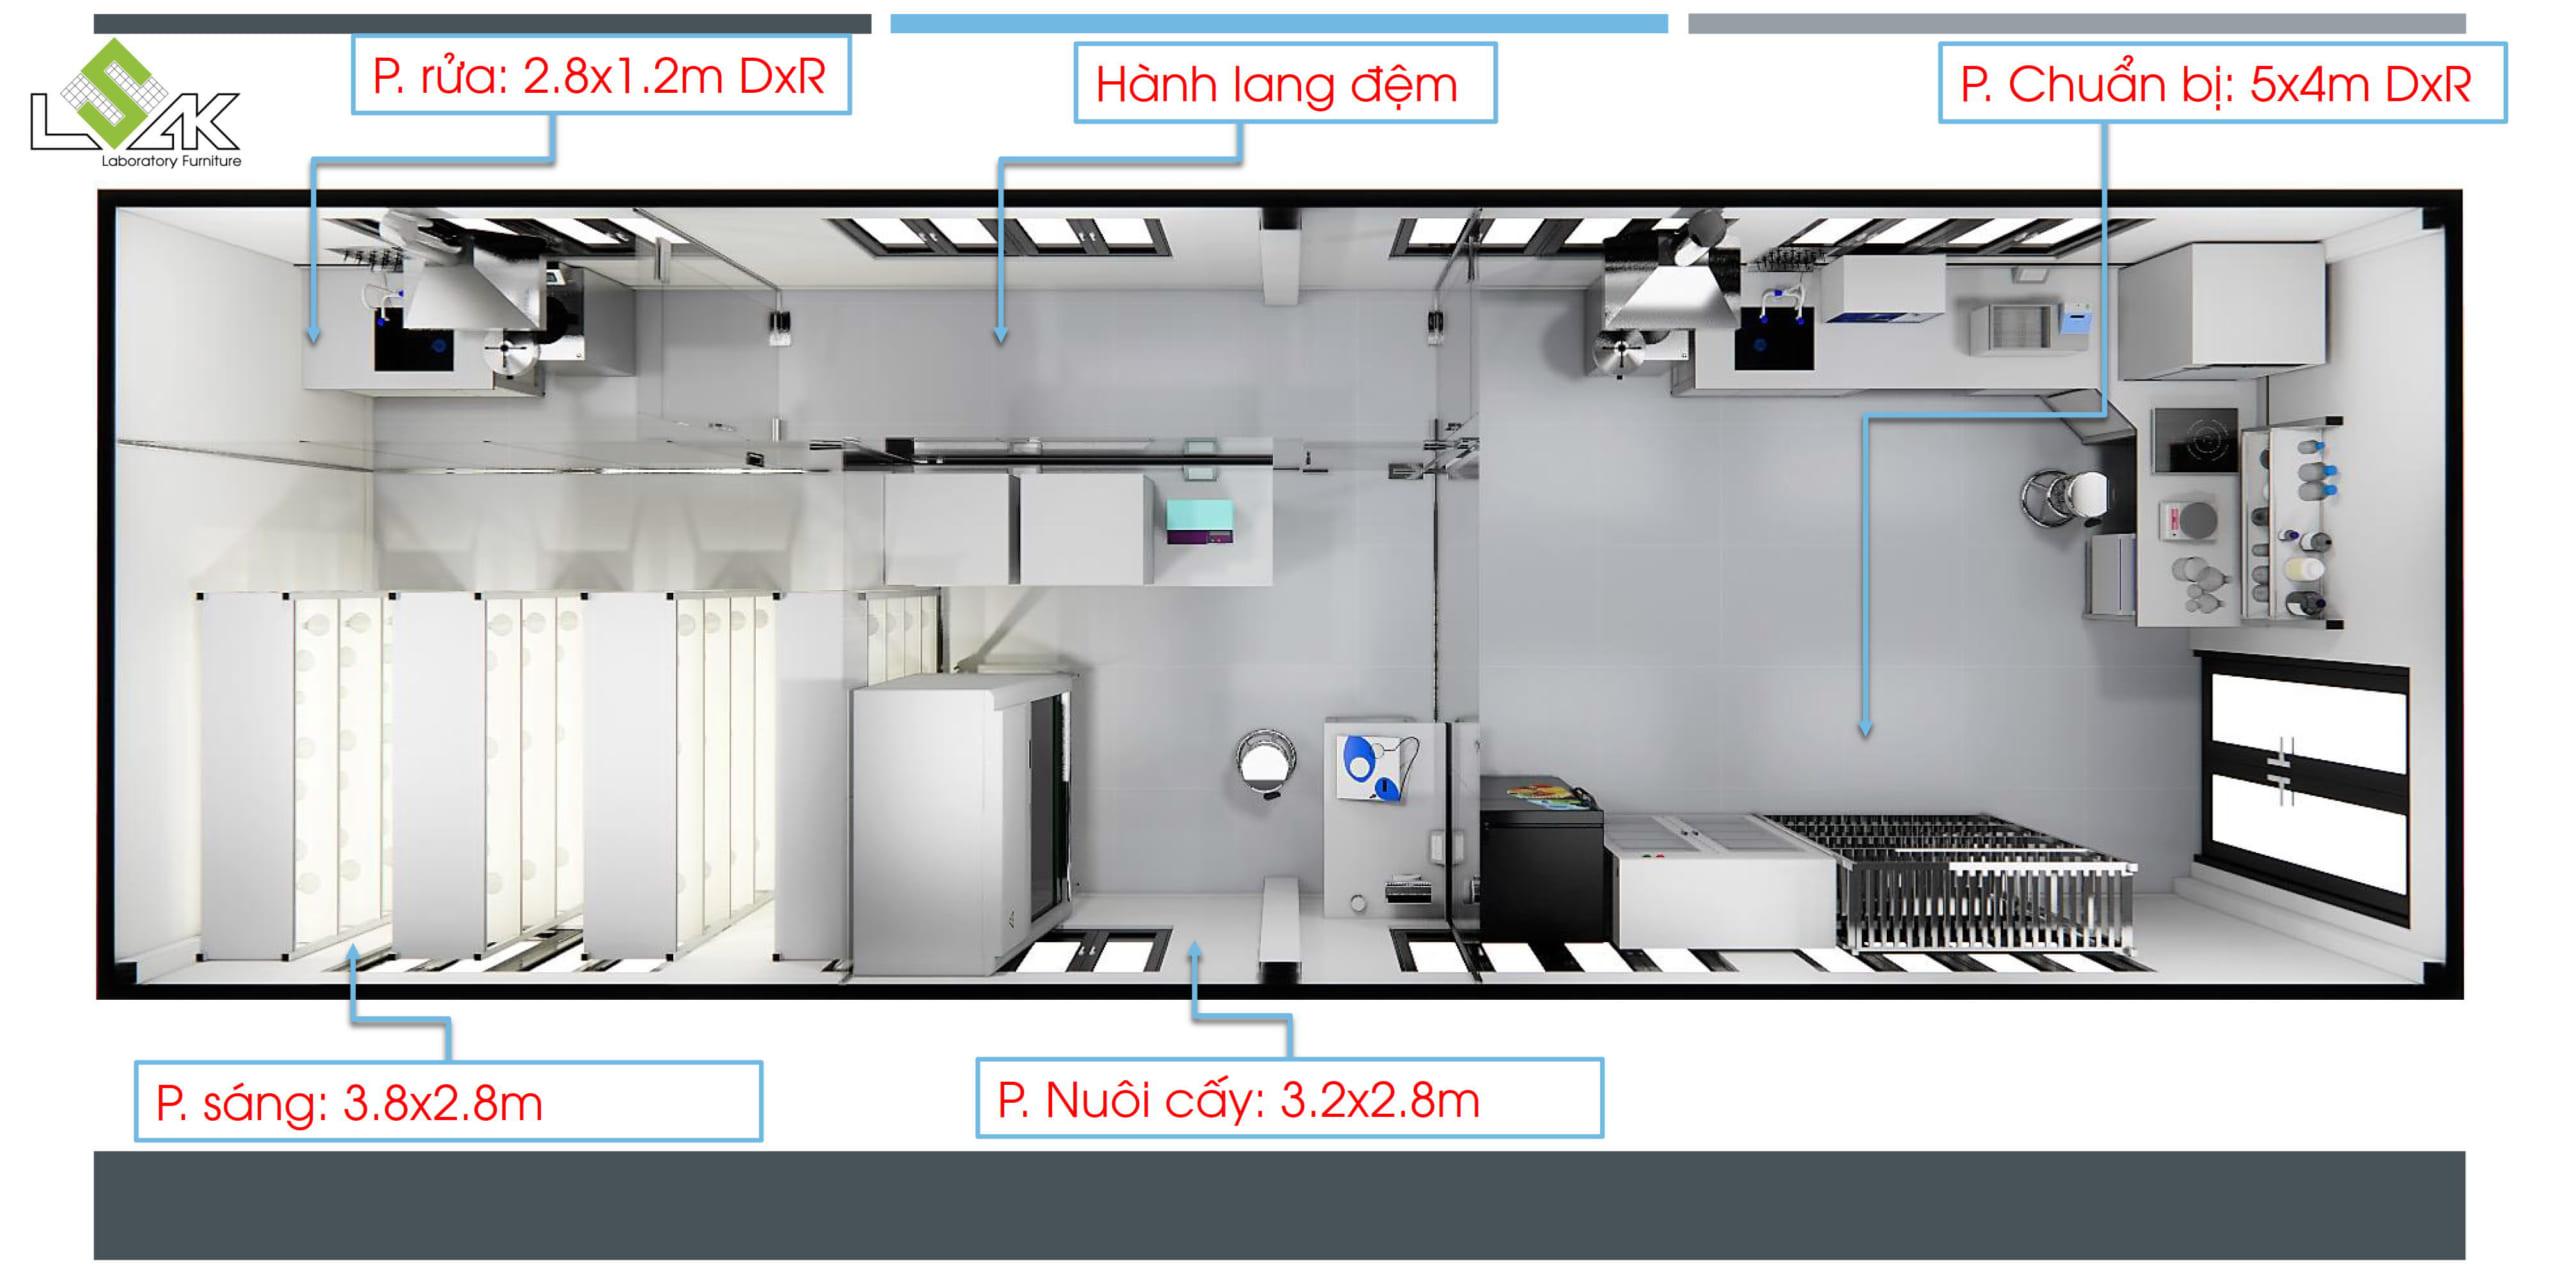 Phối cảnh 3D thiết kế phòng nuôi cấy mô